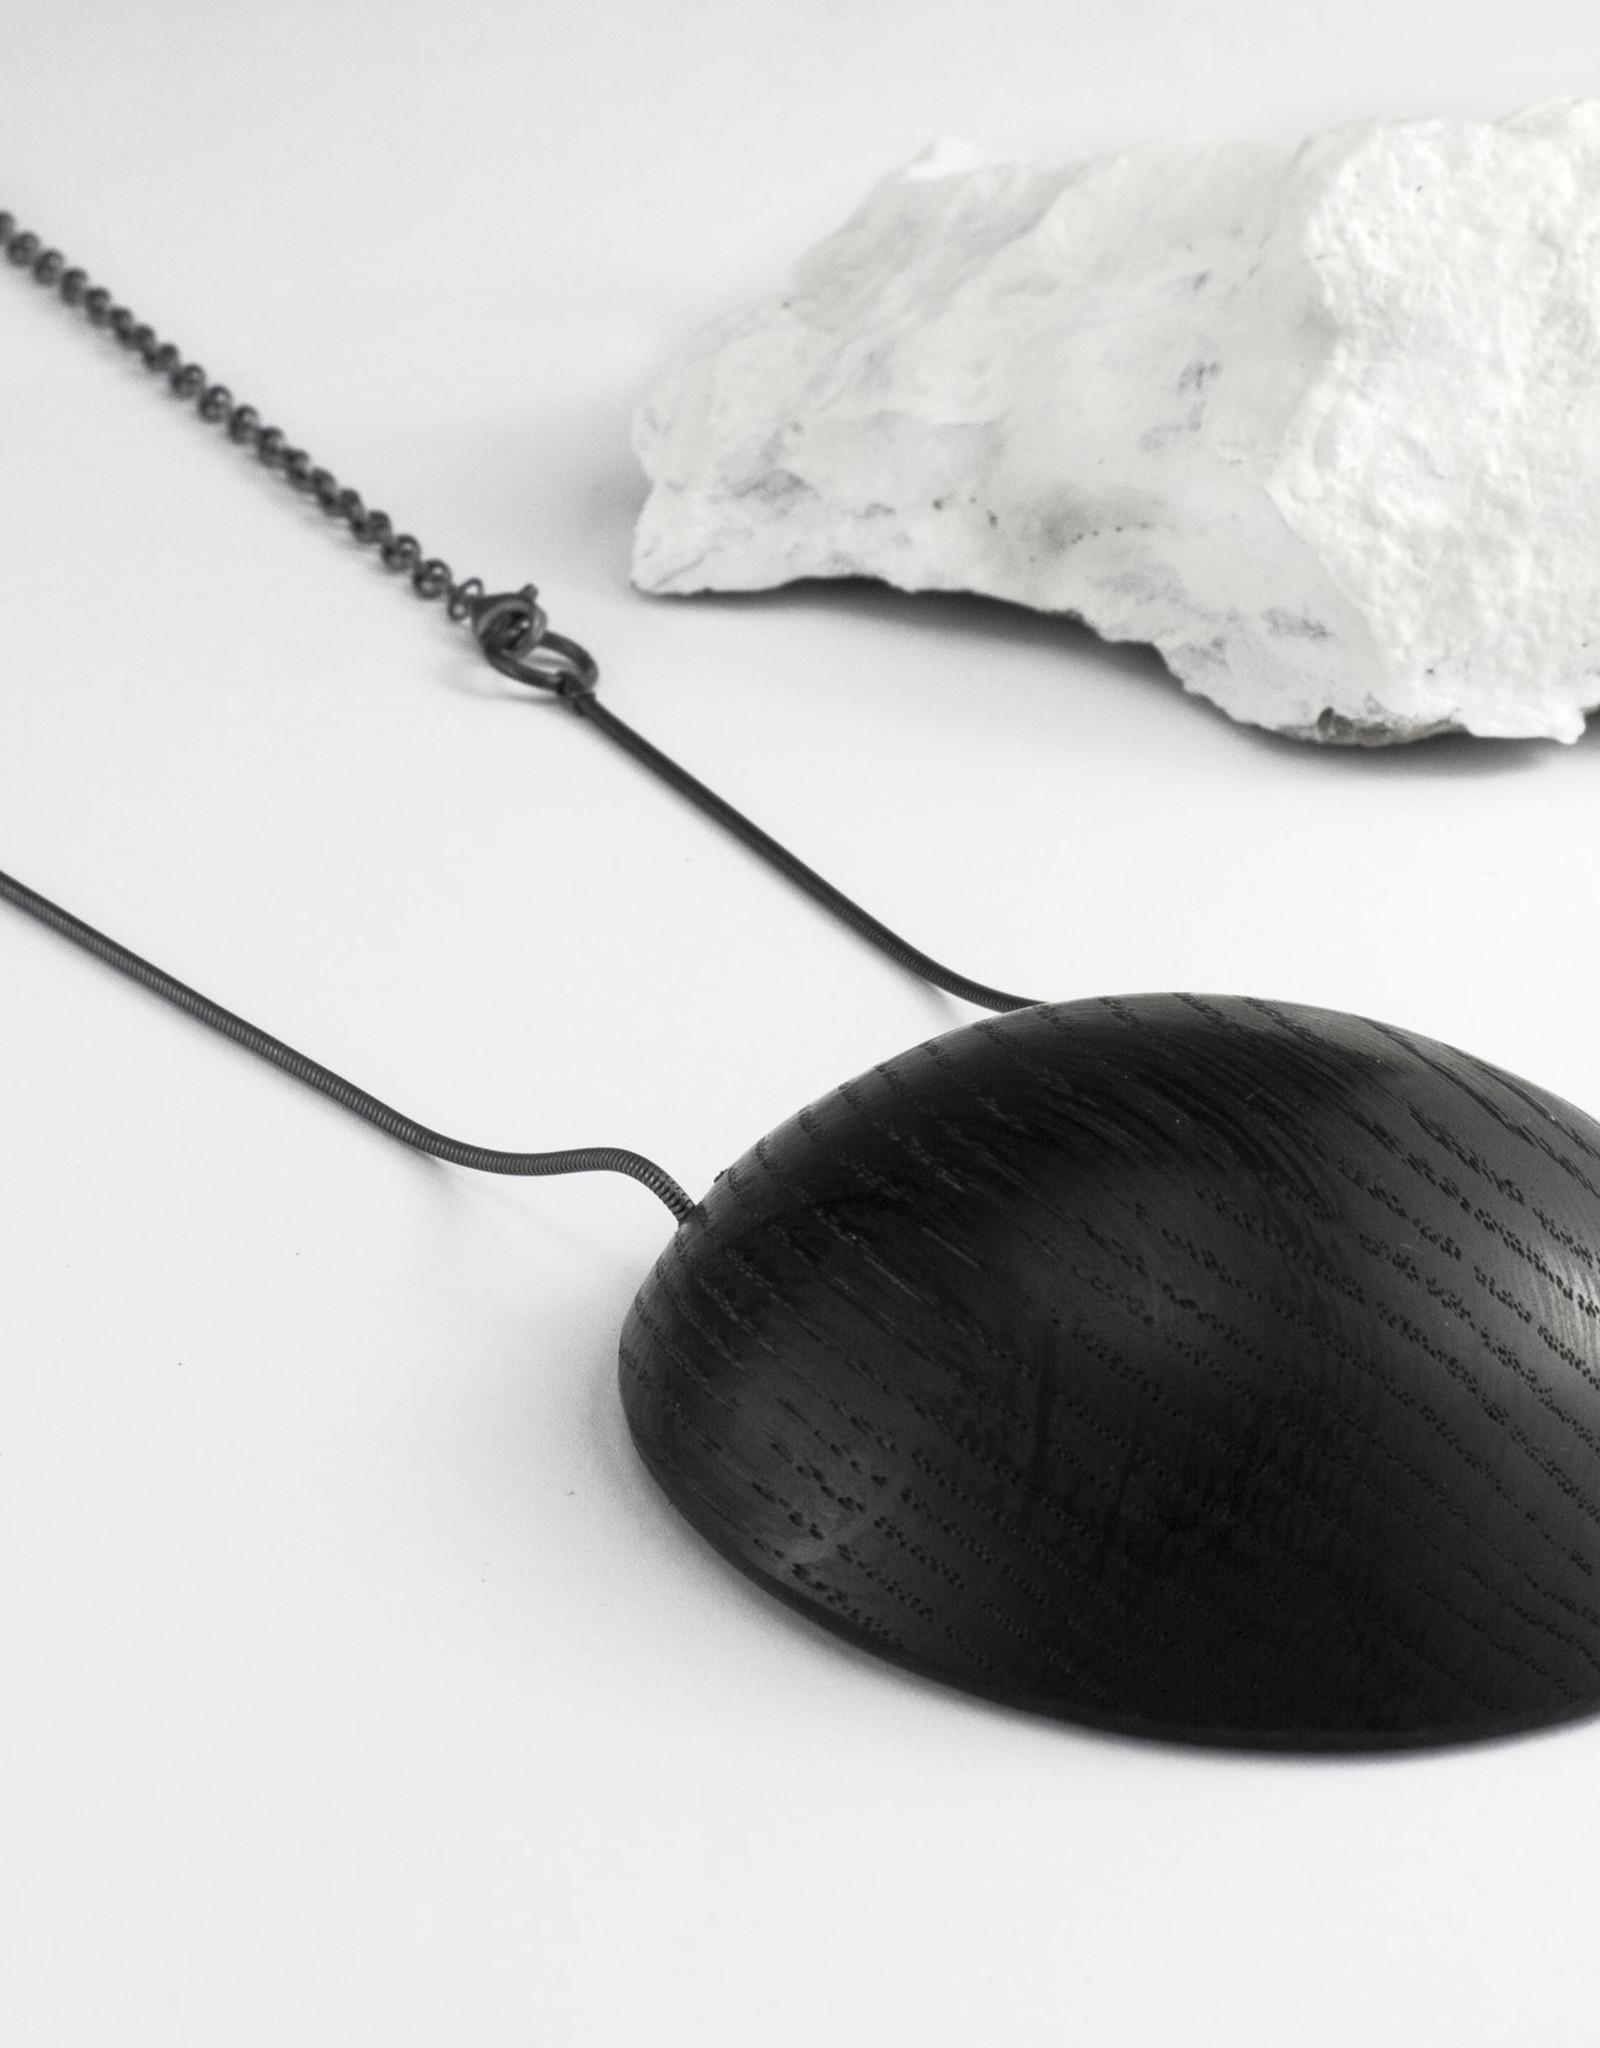 Leko & Leko Jewellery Leko & Leko - Gaia